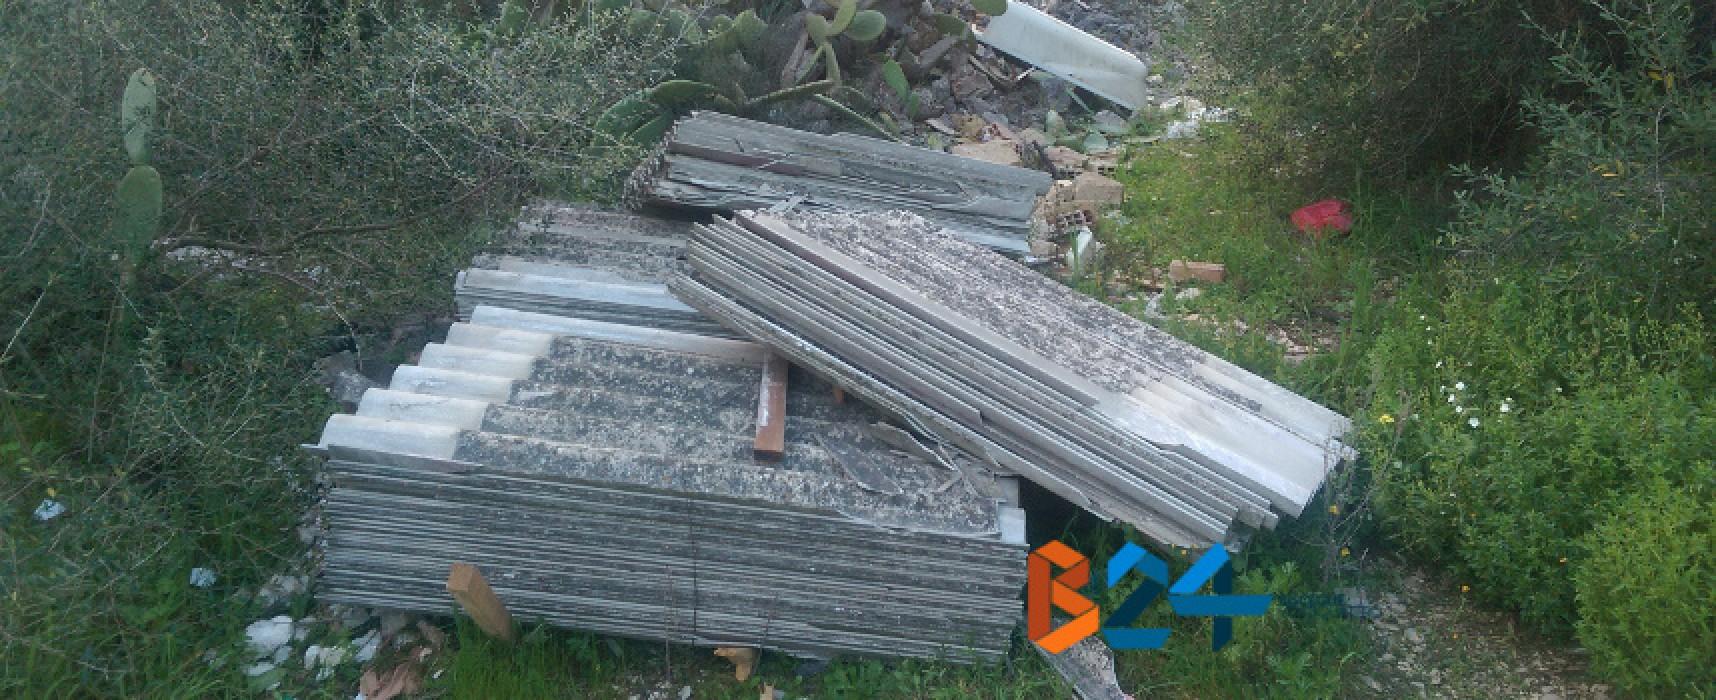 Tre bancali pieni di lastre di eternit abbandonati in zona Lama Paterna / FOTO